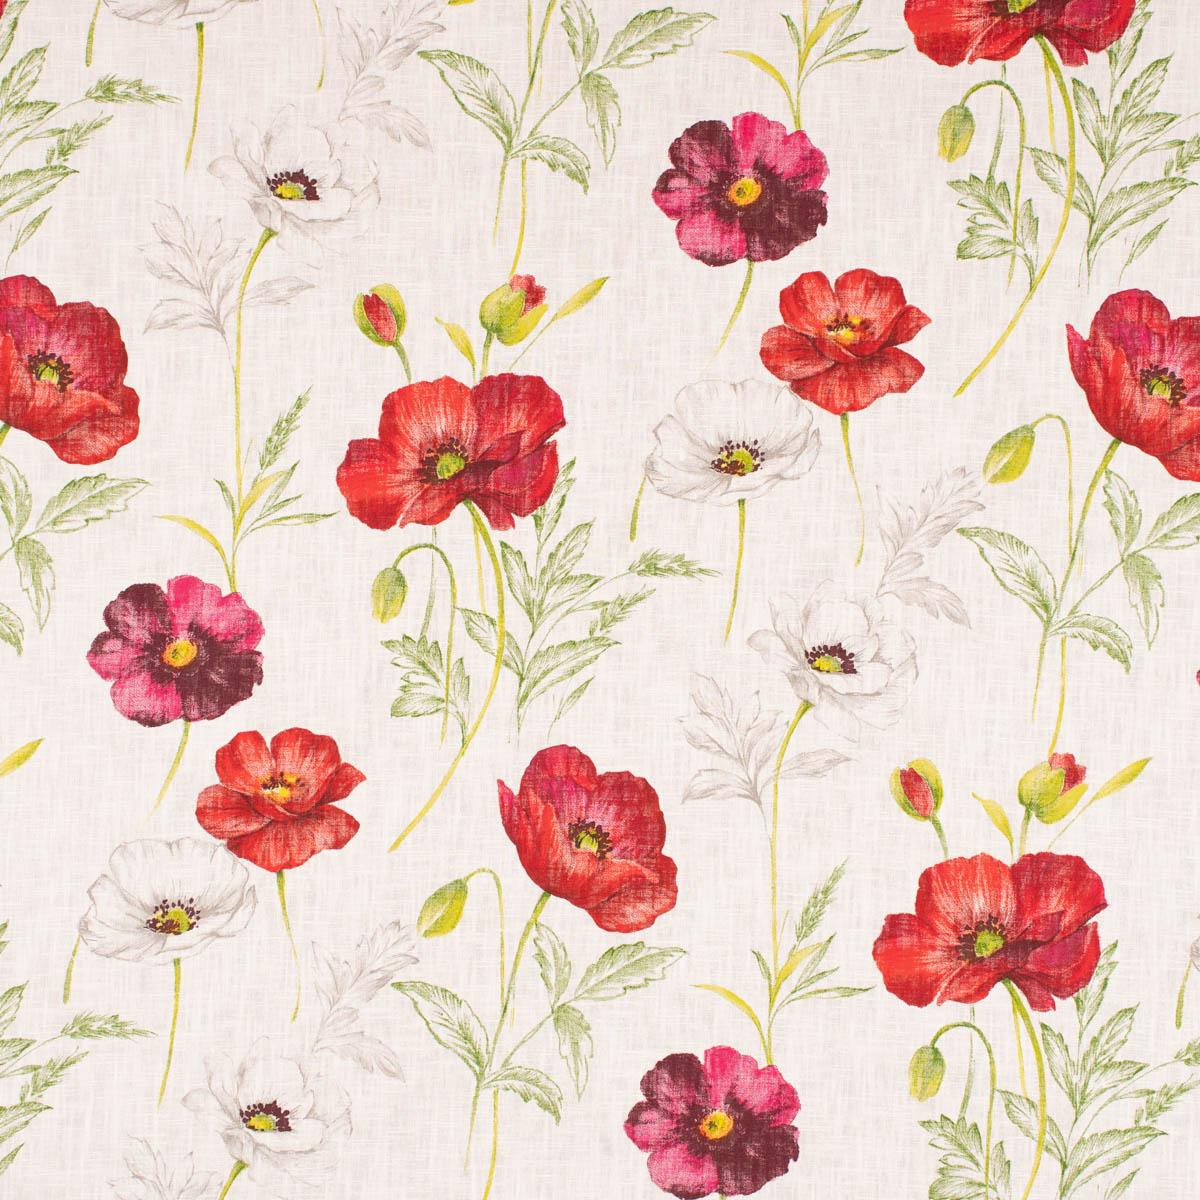 Dekostoff Ramie Leinenoptik Mohnblüten Blumen offwhite rot pink 1,50m Breite